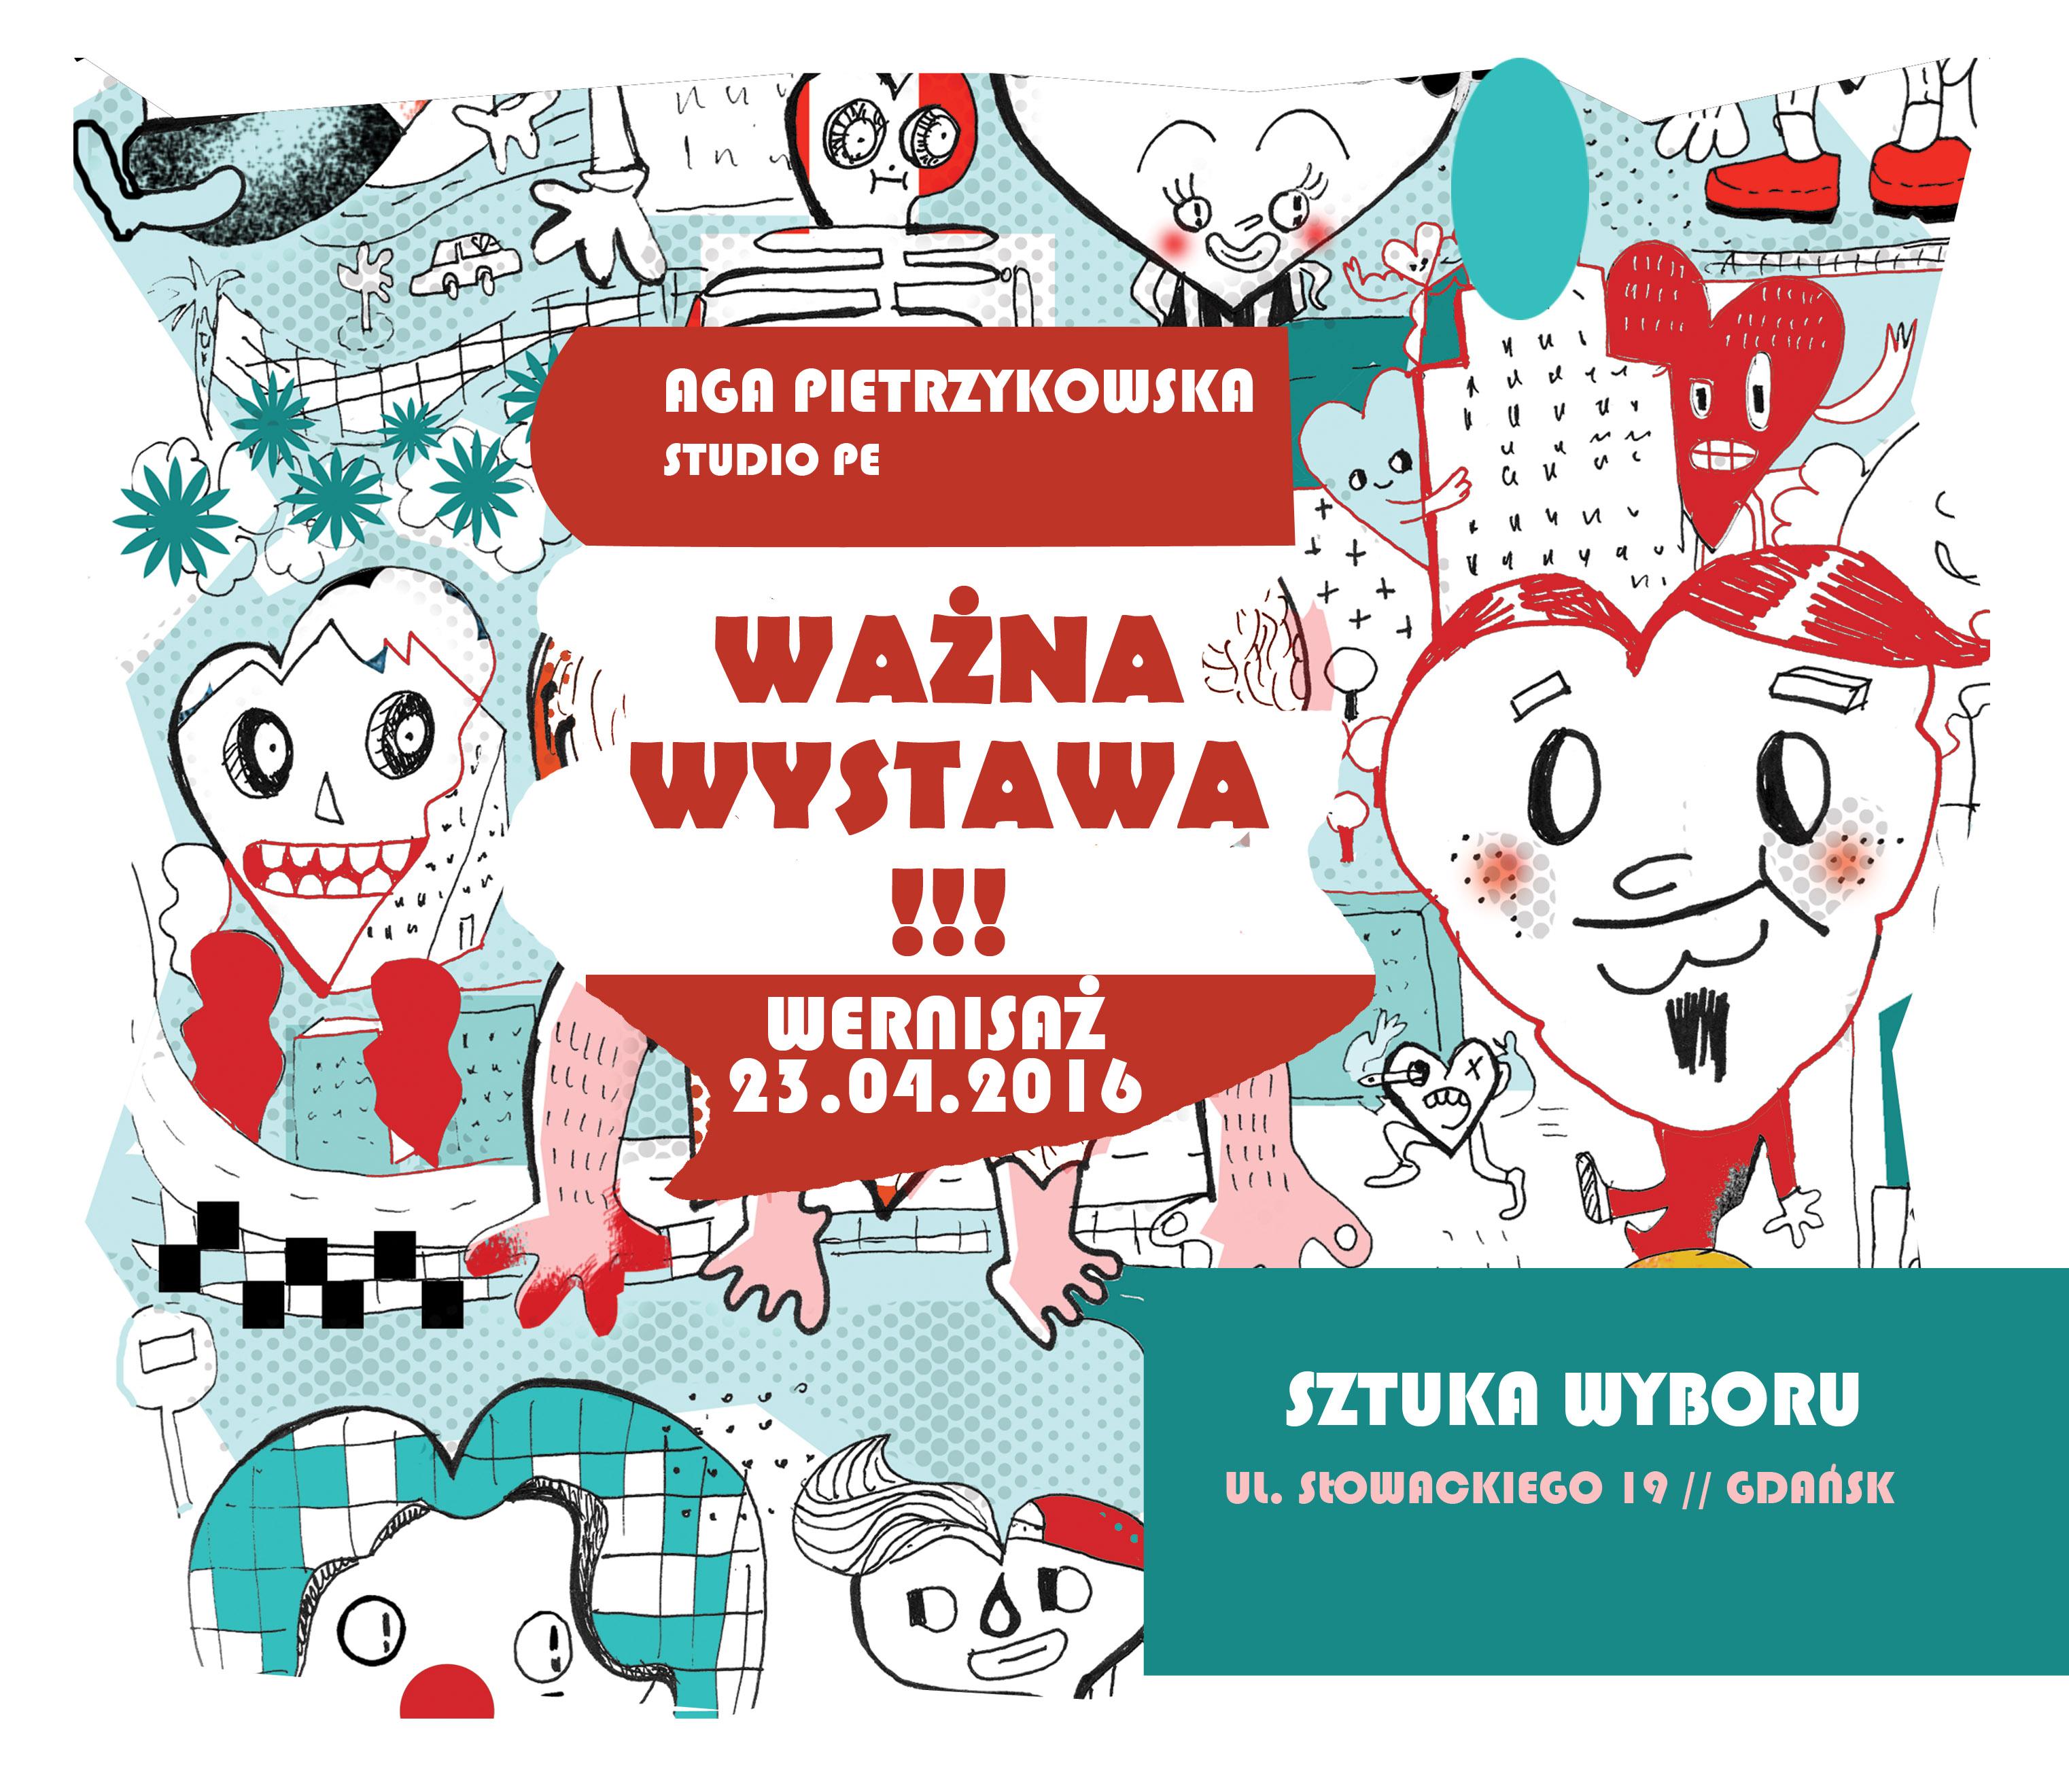 WAZNA WYSTAWA2 copy